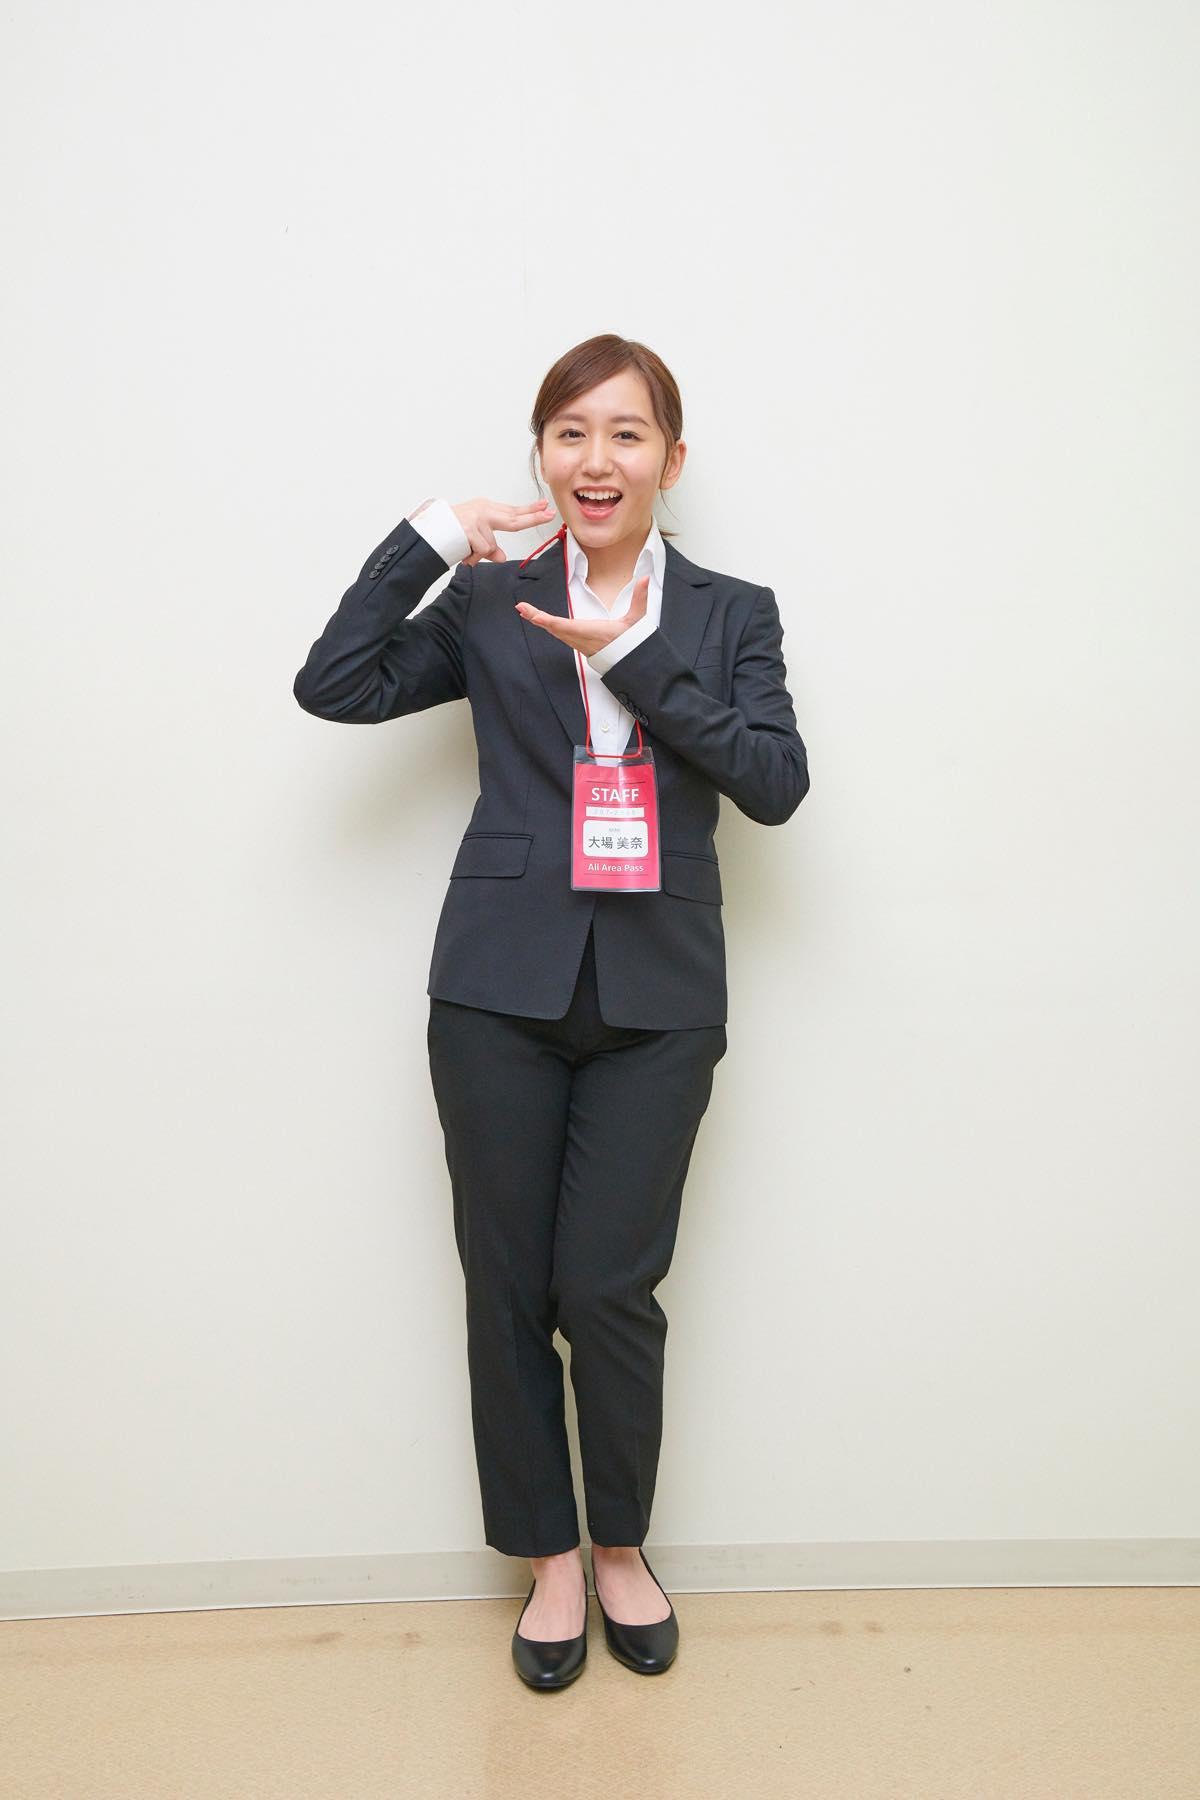 """実はコント大好き・SKE48大場美奈「ダンスの手数が多くて""""何を覚えさせてんだよ~""""って思いました」【写真23枚】独占告白1/4の画像007"""